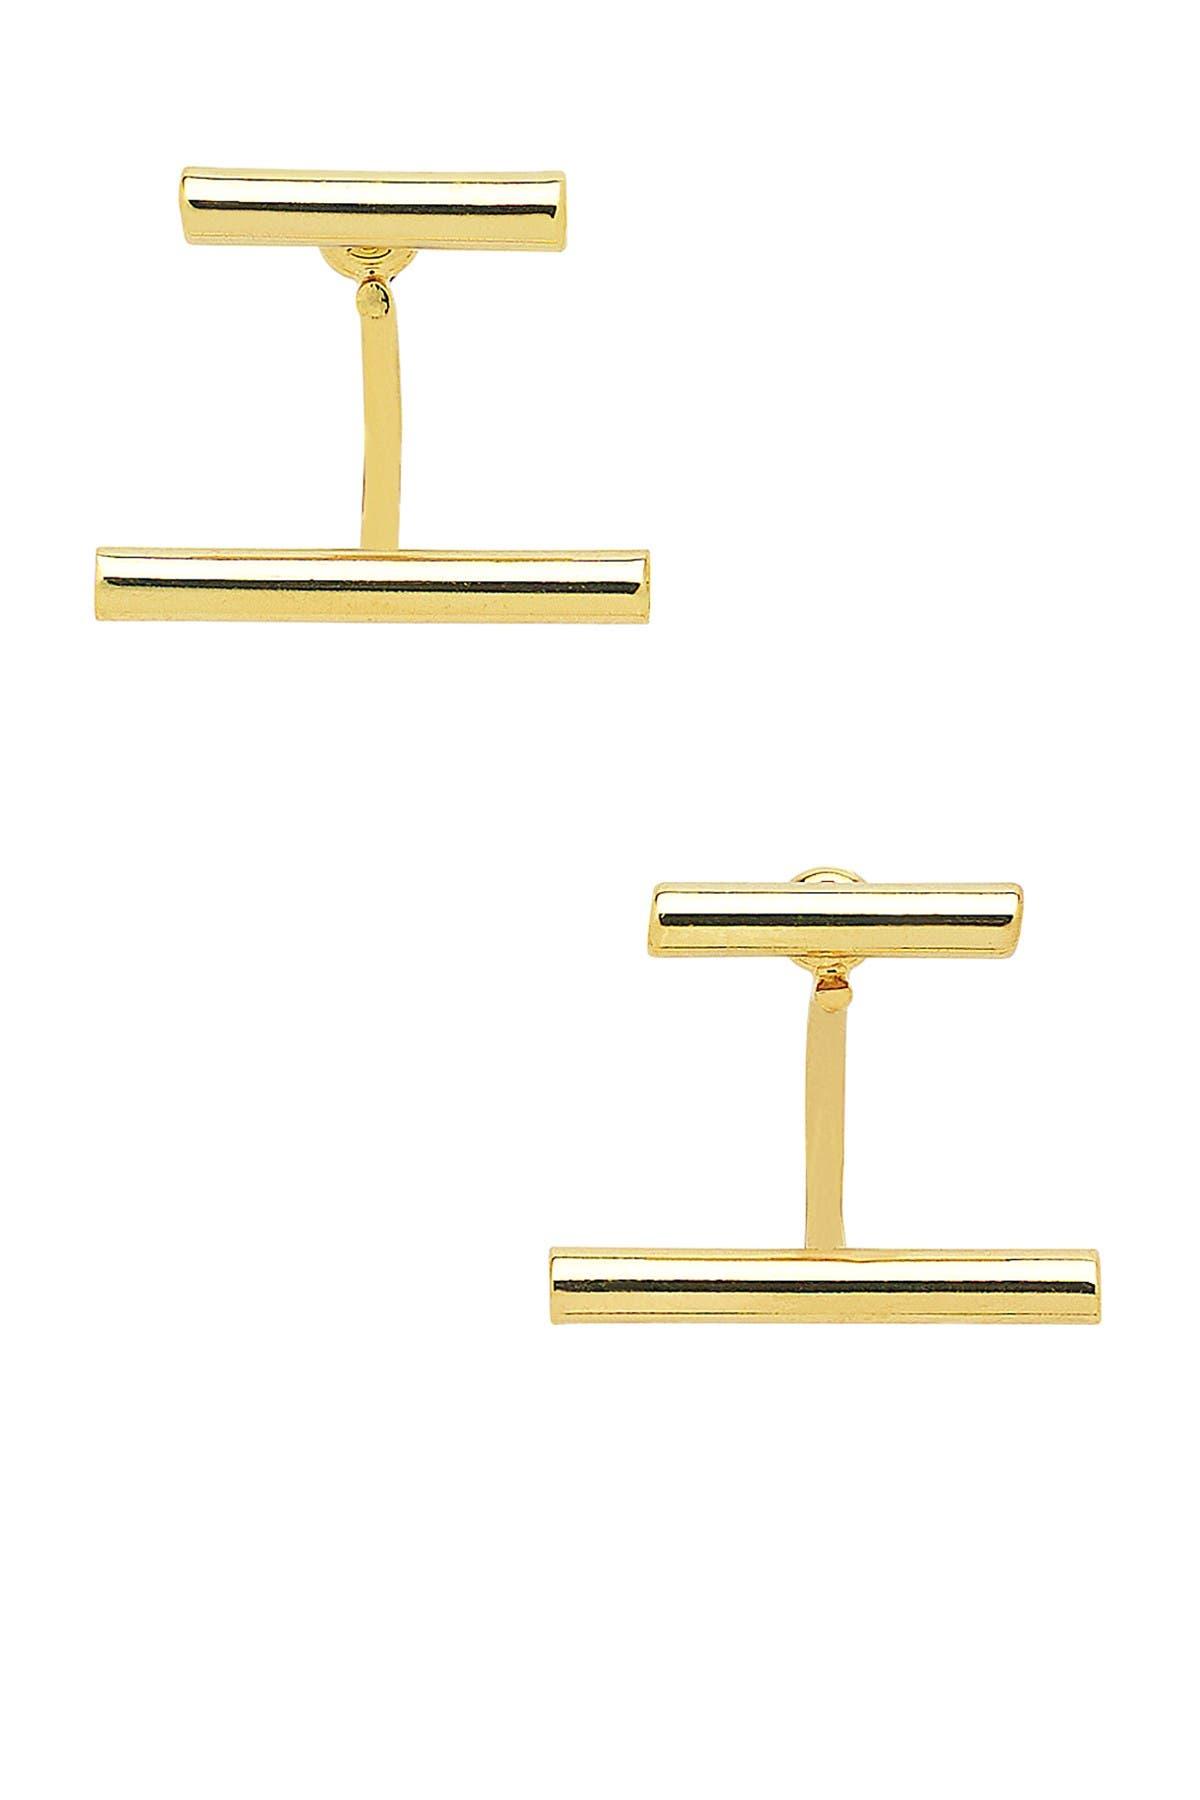 Image of Sterling Forever Parallel Bar Ear Jacket Earrings